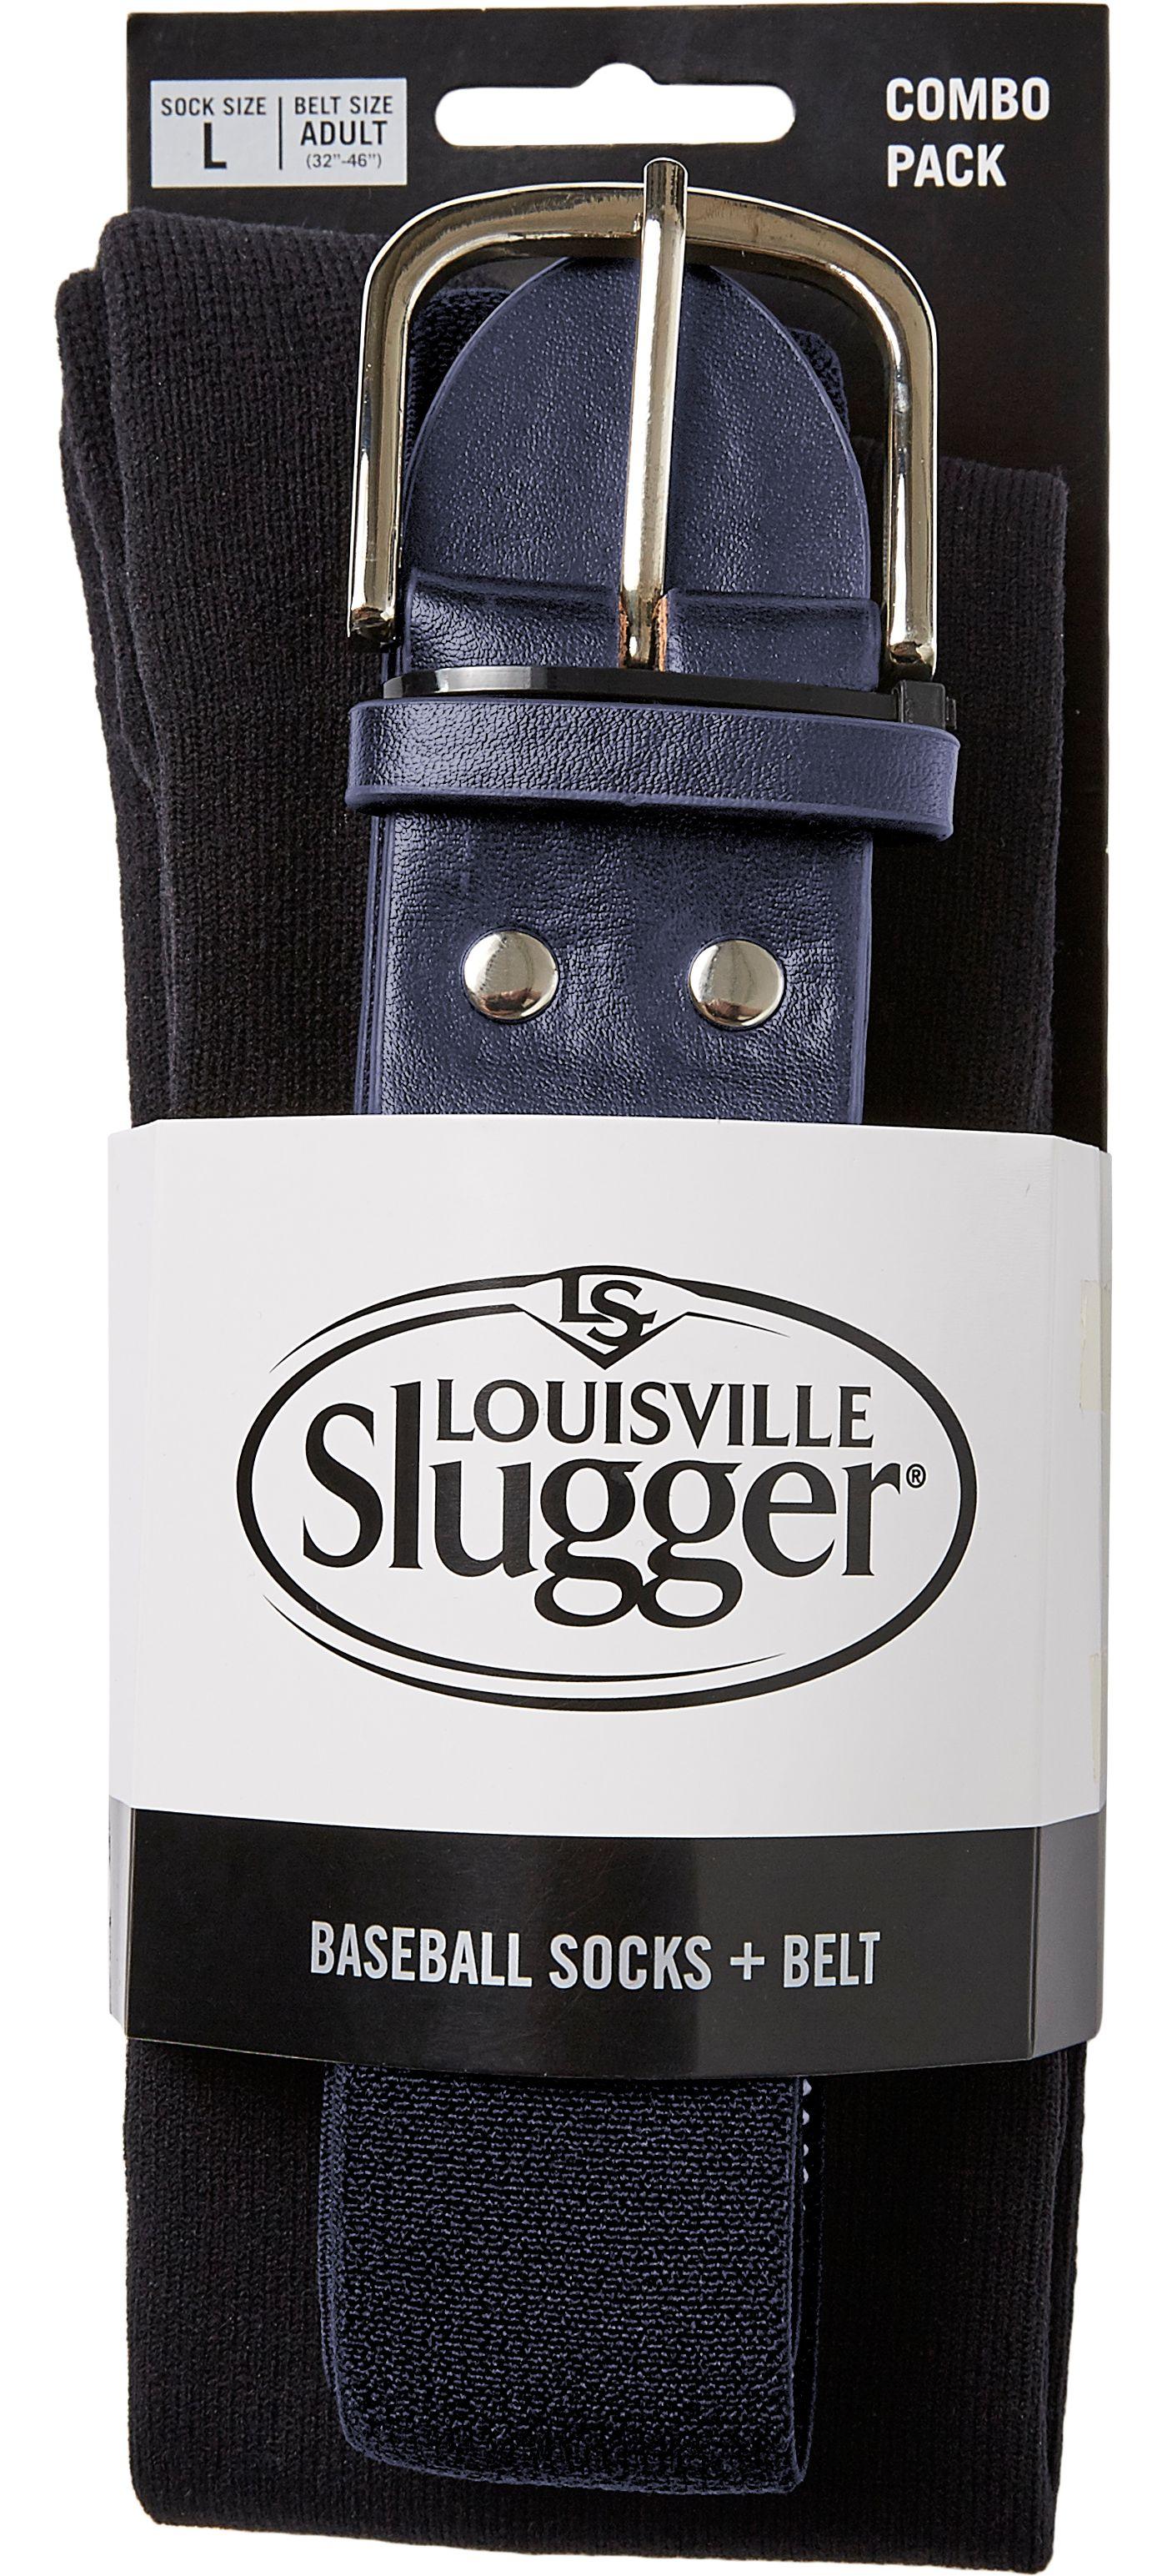 Louisville Slugger Men's Baseball Socks & Belt Combo Pack